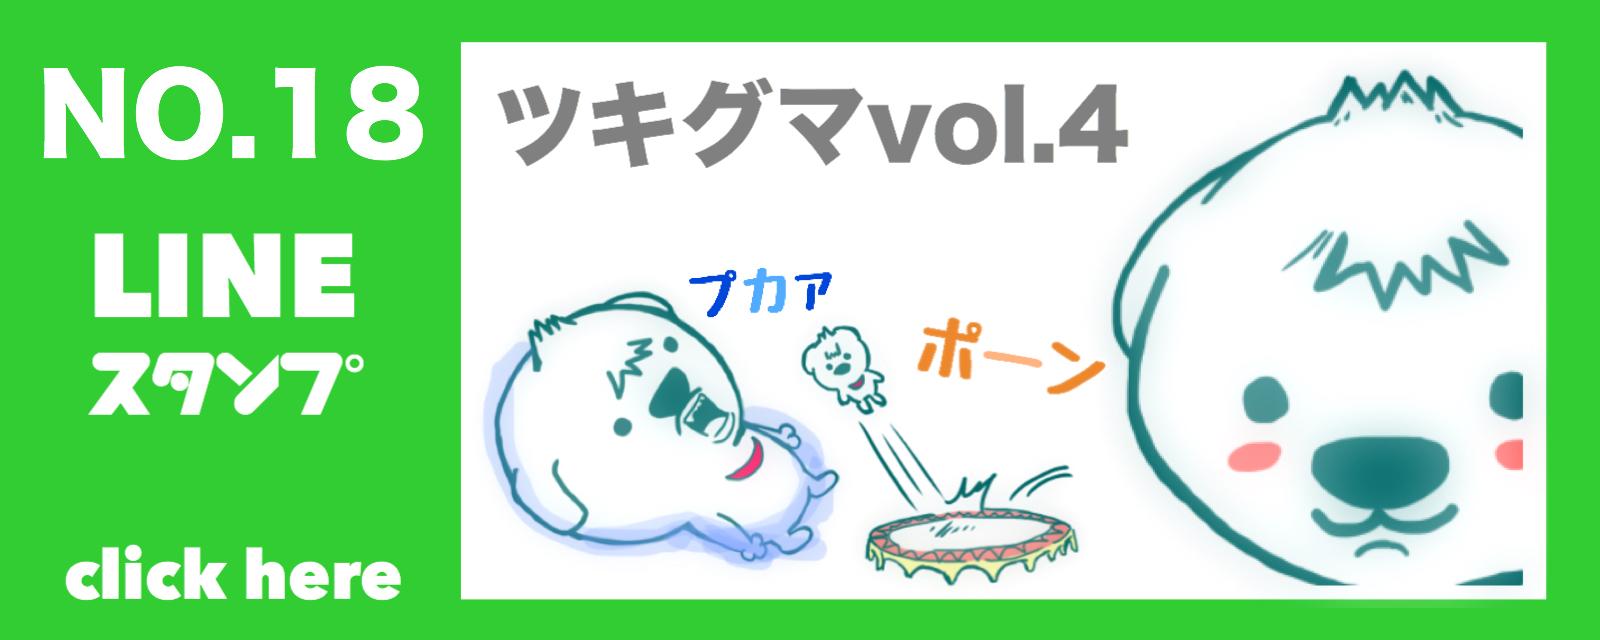 LINEスタンプツキグマシリーズ4